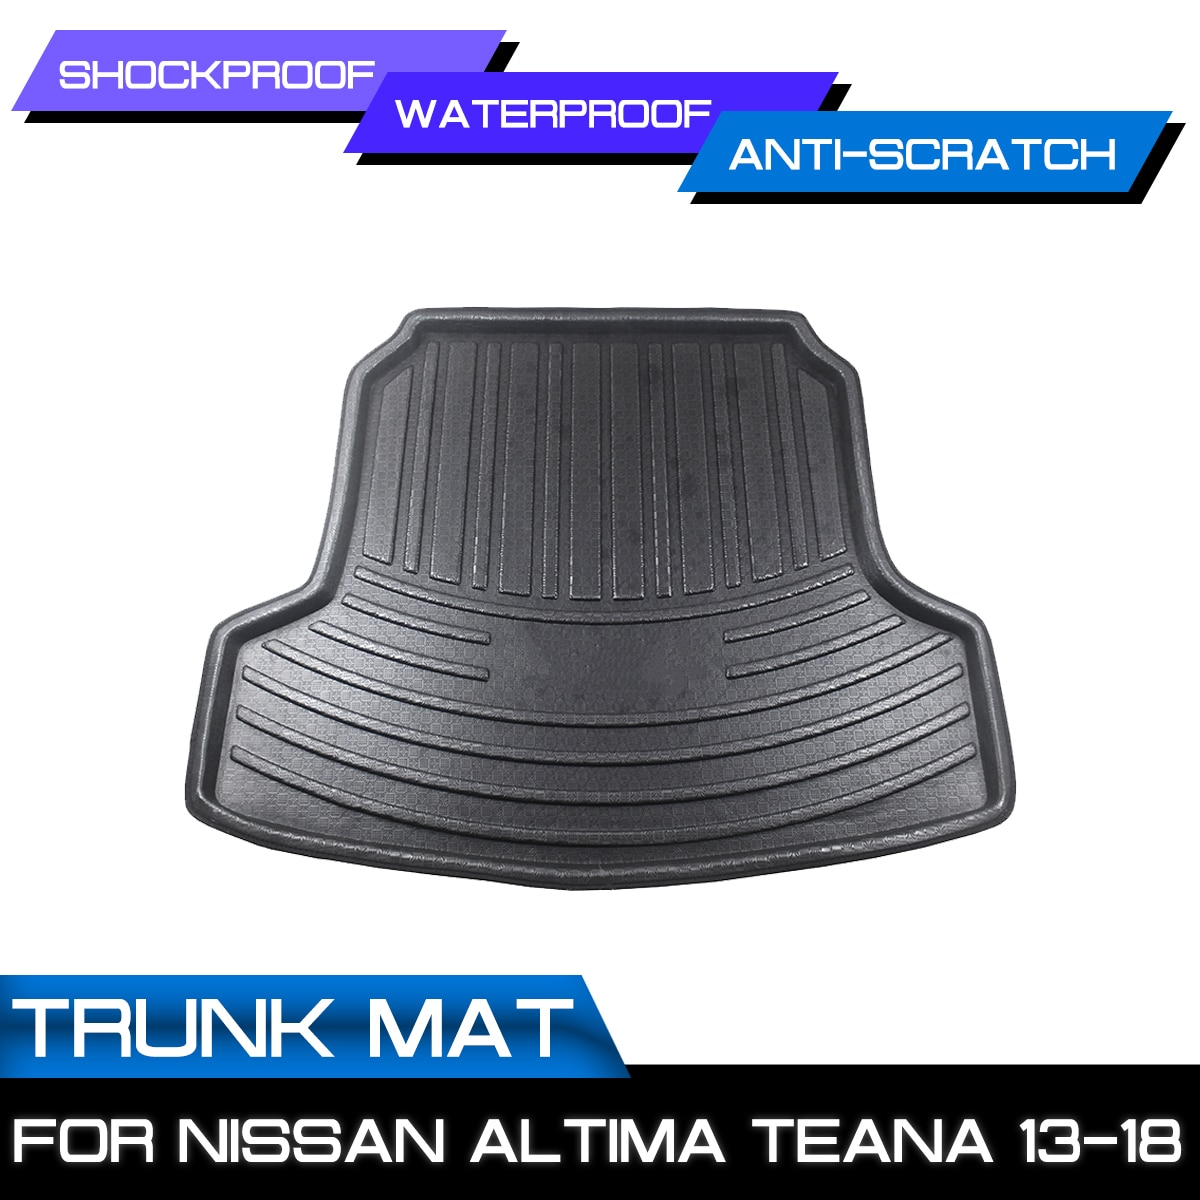 سيارة الخلفي الجذع مكافحة الطين غطاء سجادة أرضية لنيسان ألتيما Teana 2013 2014 2015 2016 2017 2018